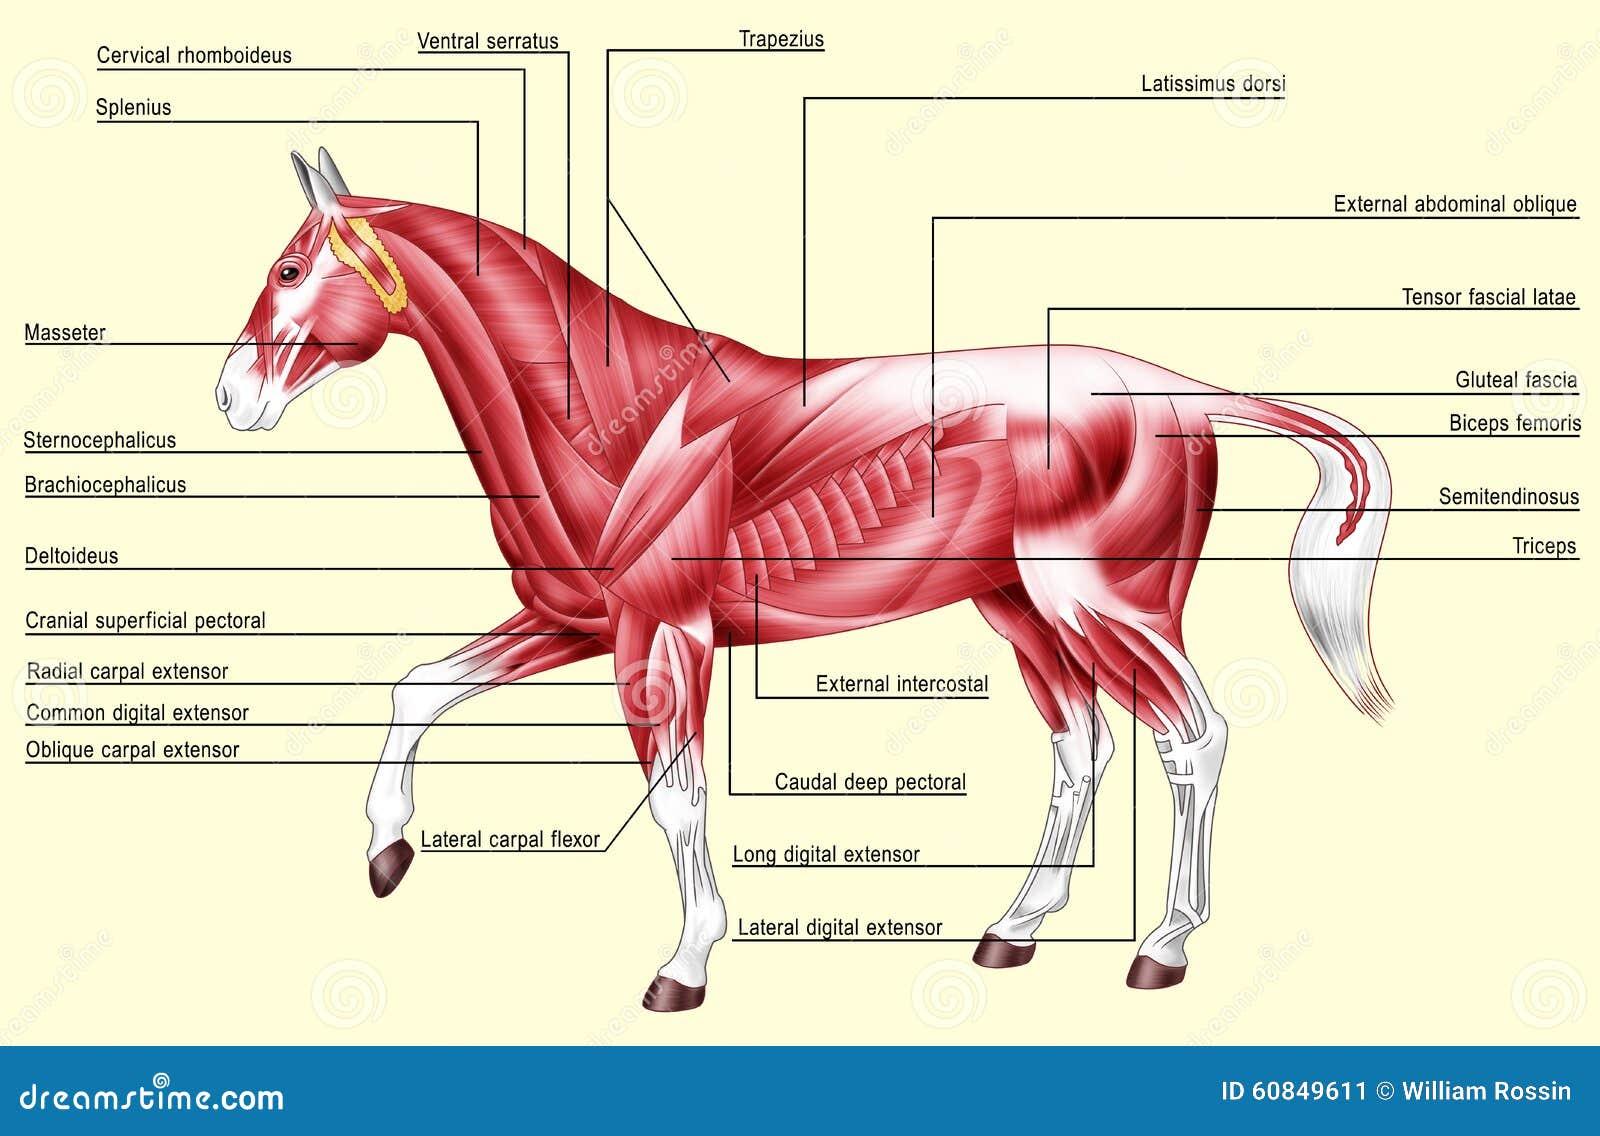 Tolle Anatomie Des Pferdes Galerie - Menschliche Anatomie Bilder ...